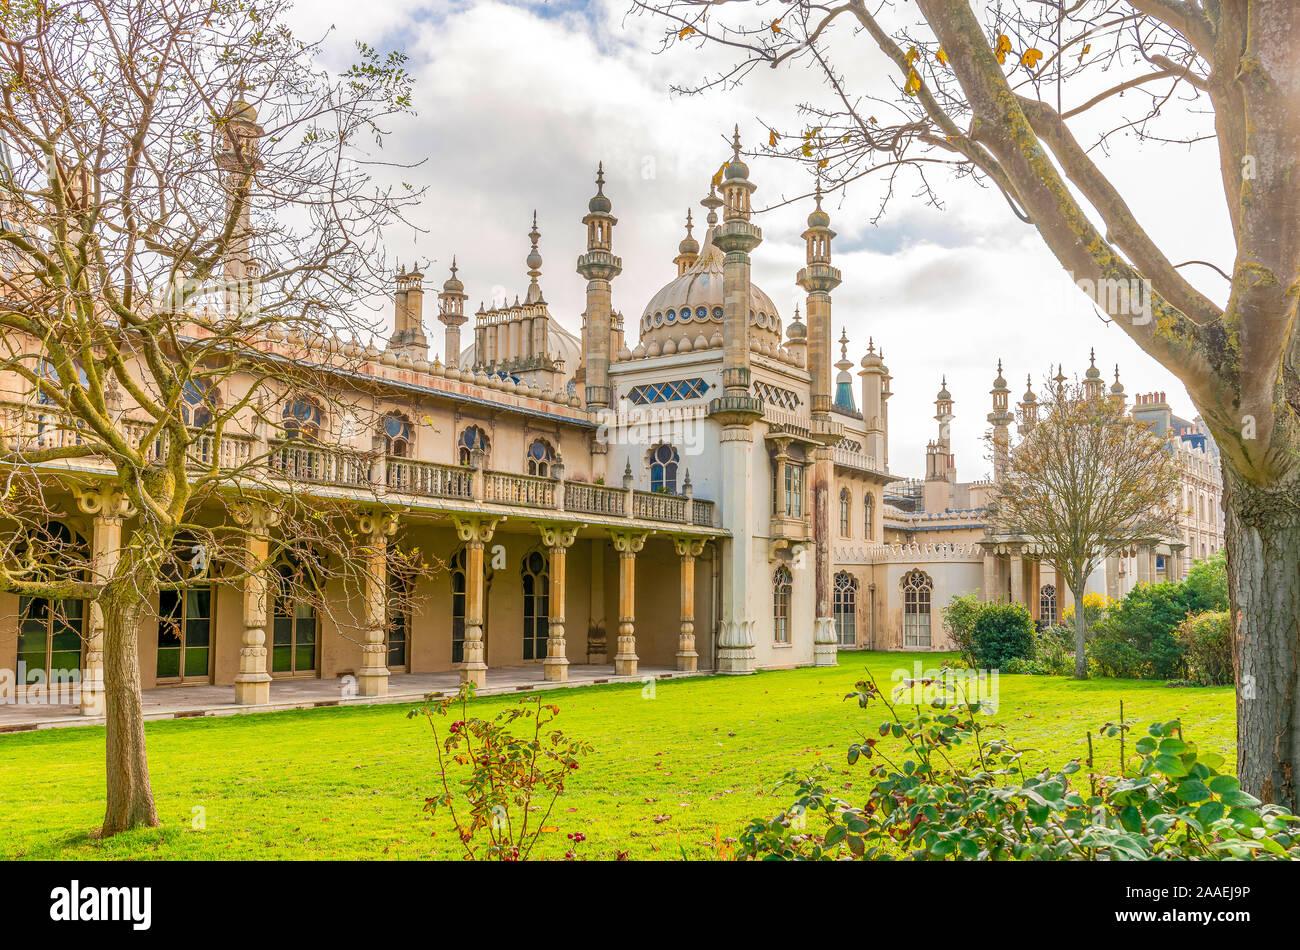 Aspecto trasero de la famosa Royal Pavilion en Brighton. La arquitectura de estilo Indio con un jardín en la parte delantera y un cielo nublado. Foto de stock